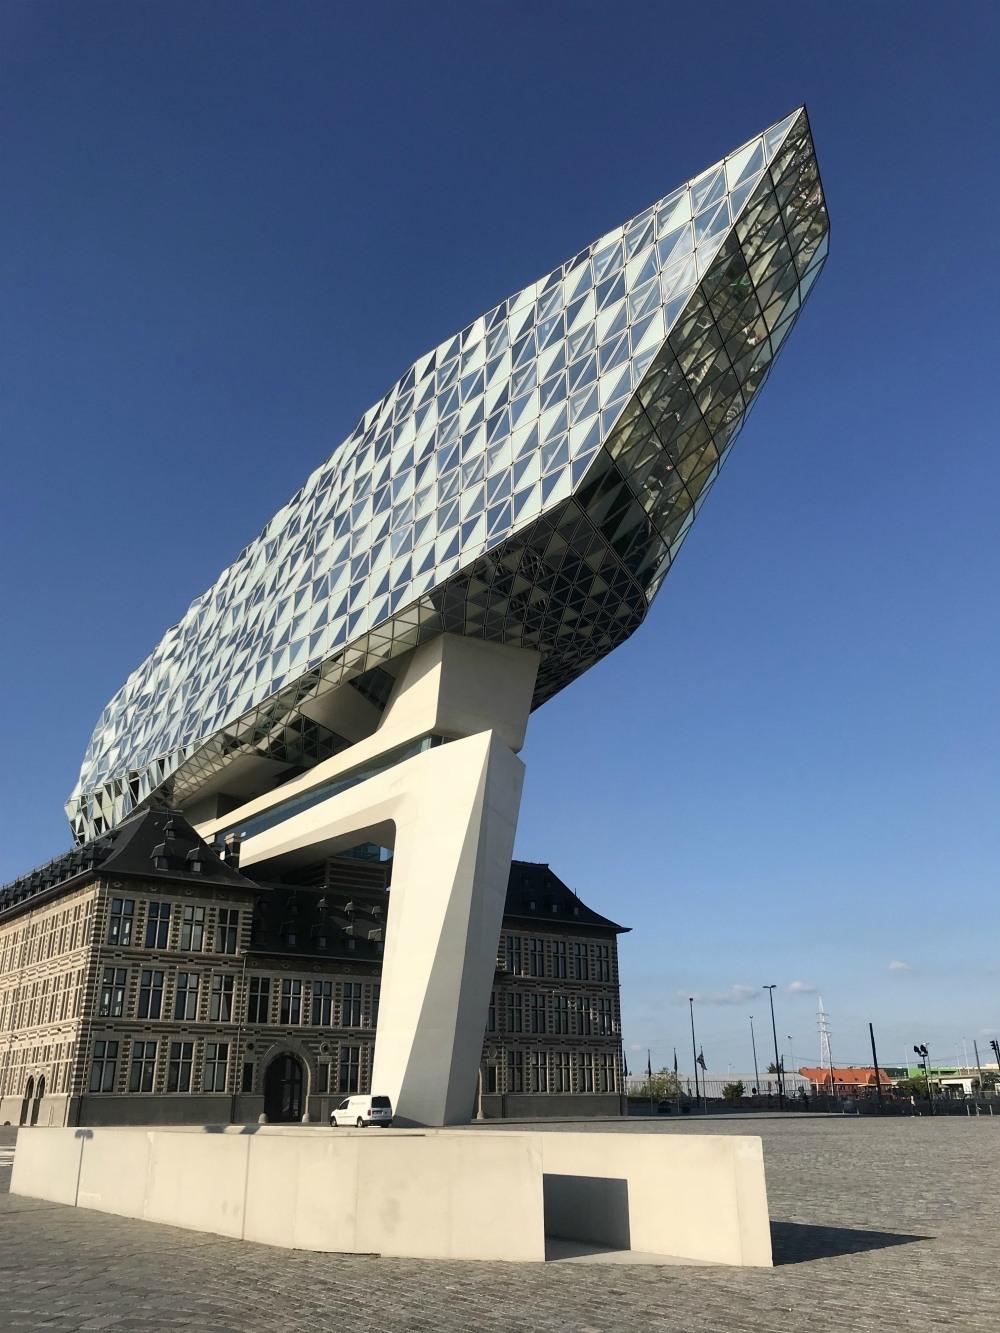 Things to see in Antwerp - The Port House in Antwerp Photo Heatheronhertravels